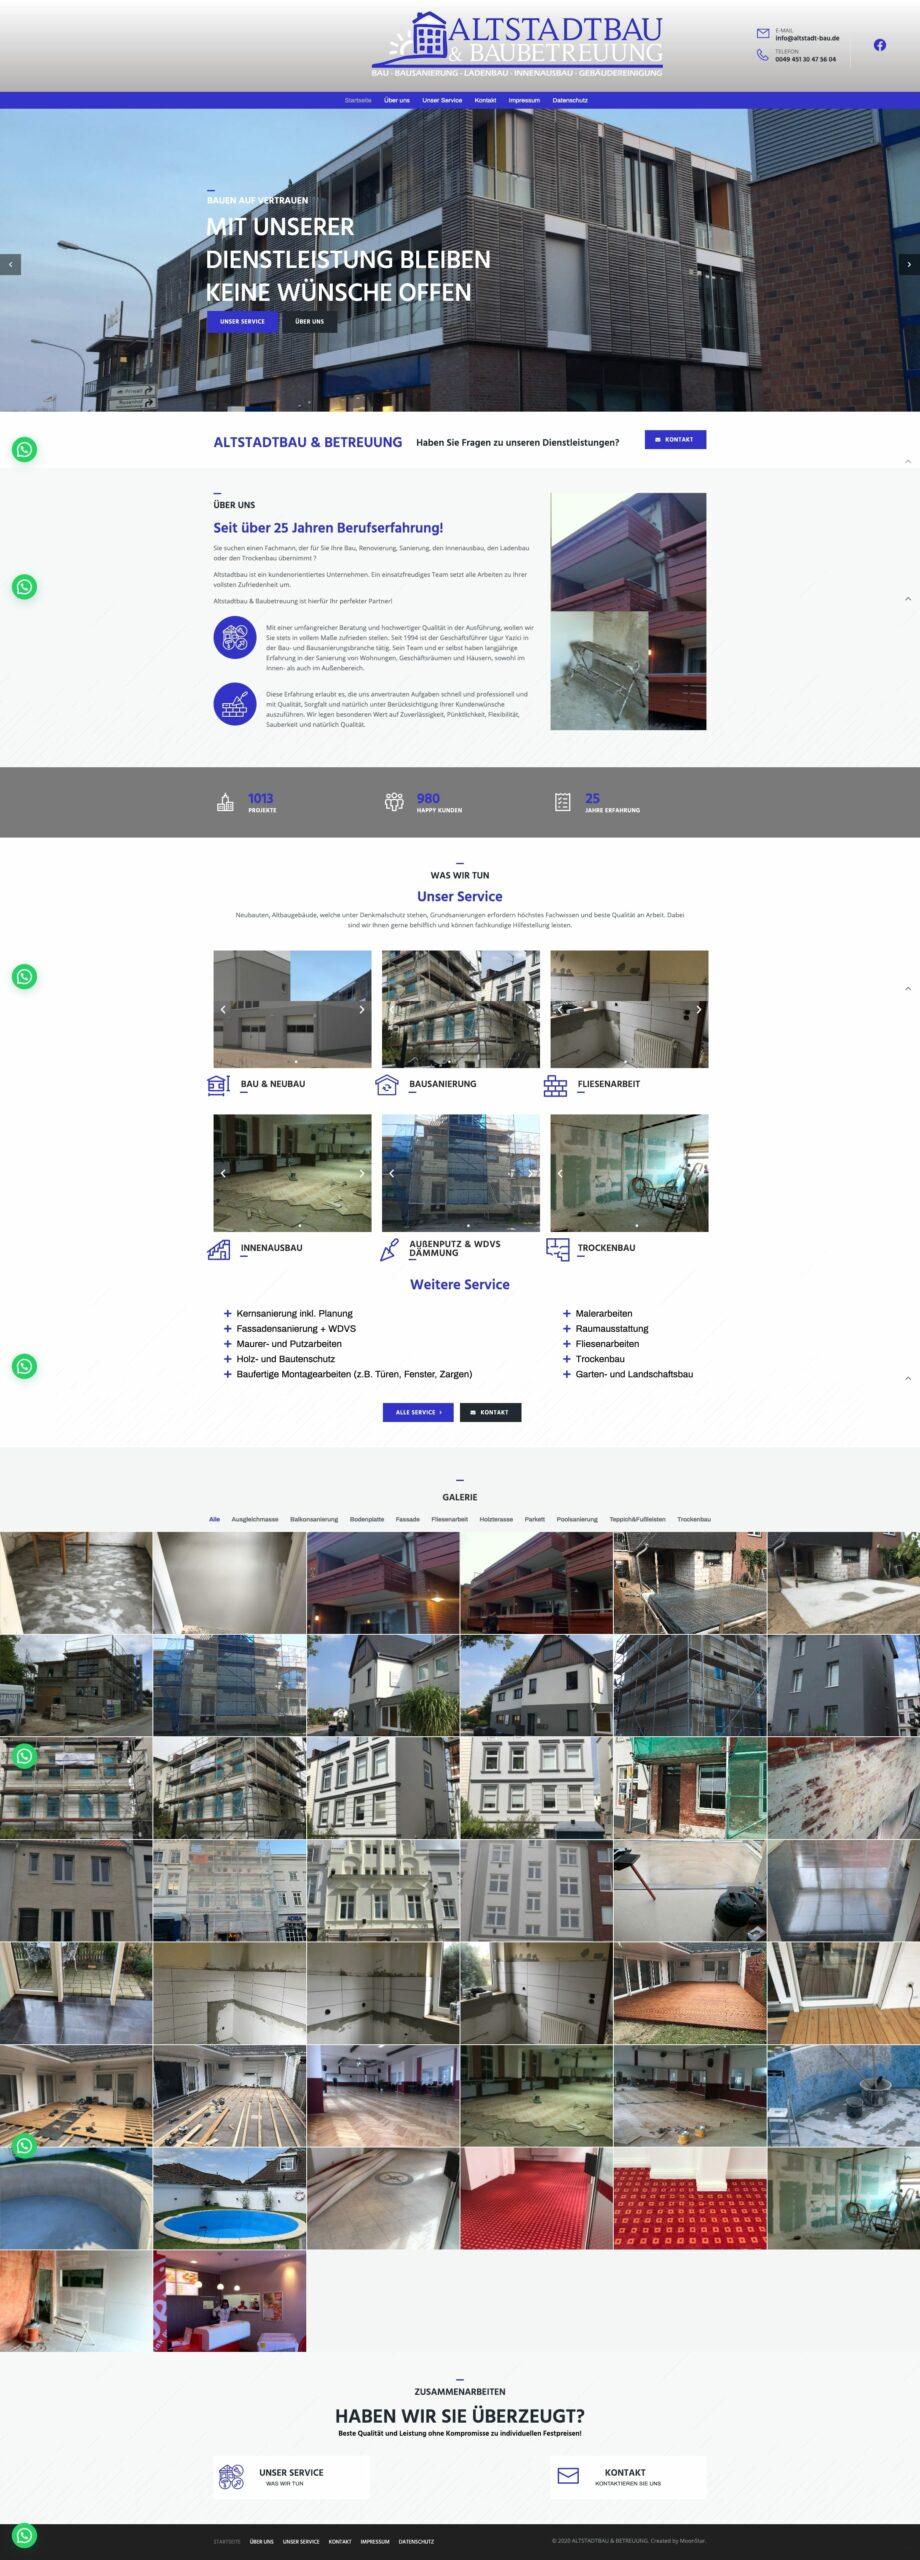 Webseite von Altstadtbau